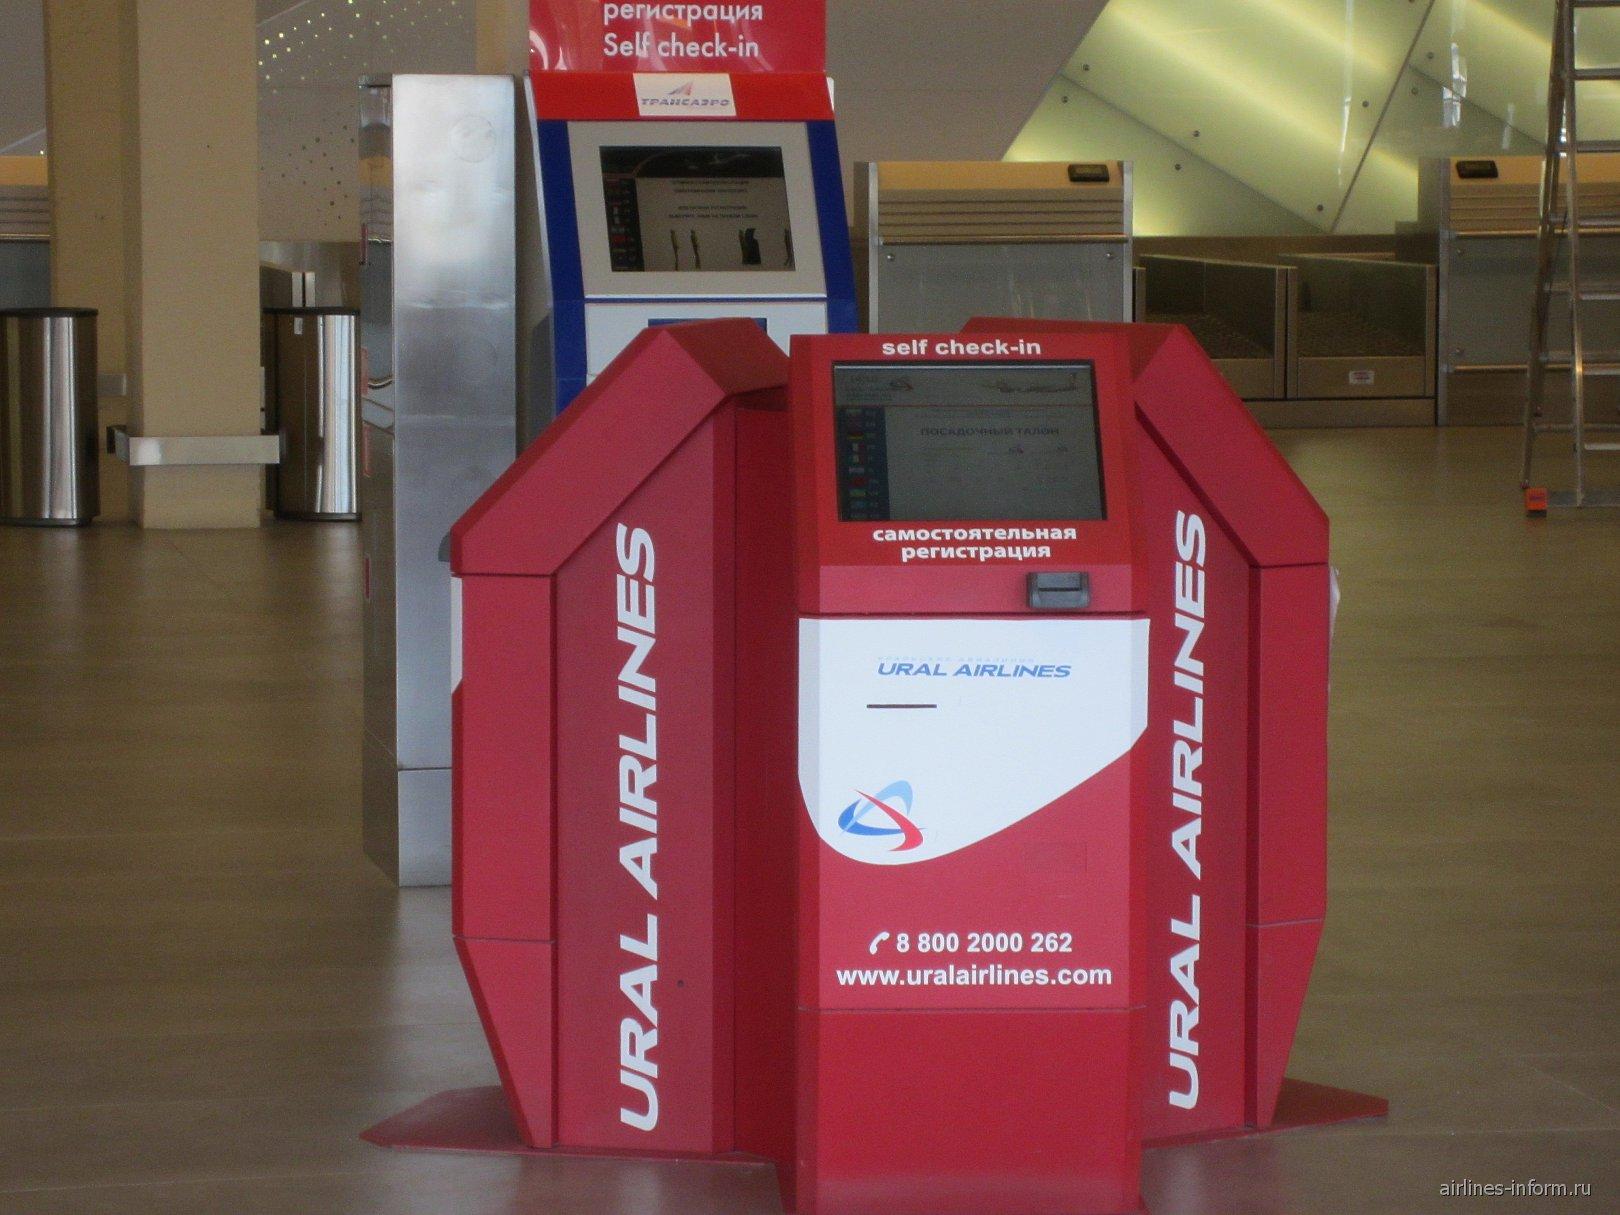 Стойки саморегистрации Уральских авиалиний в аэропорту Кольцово